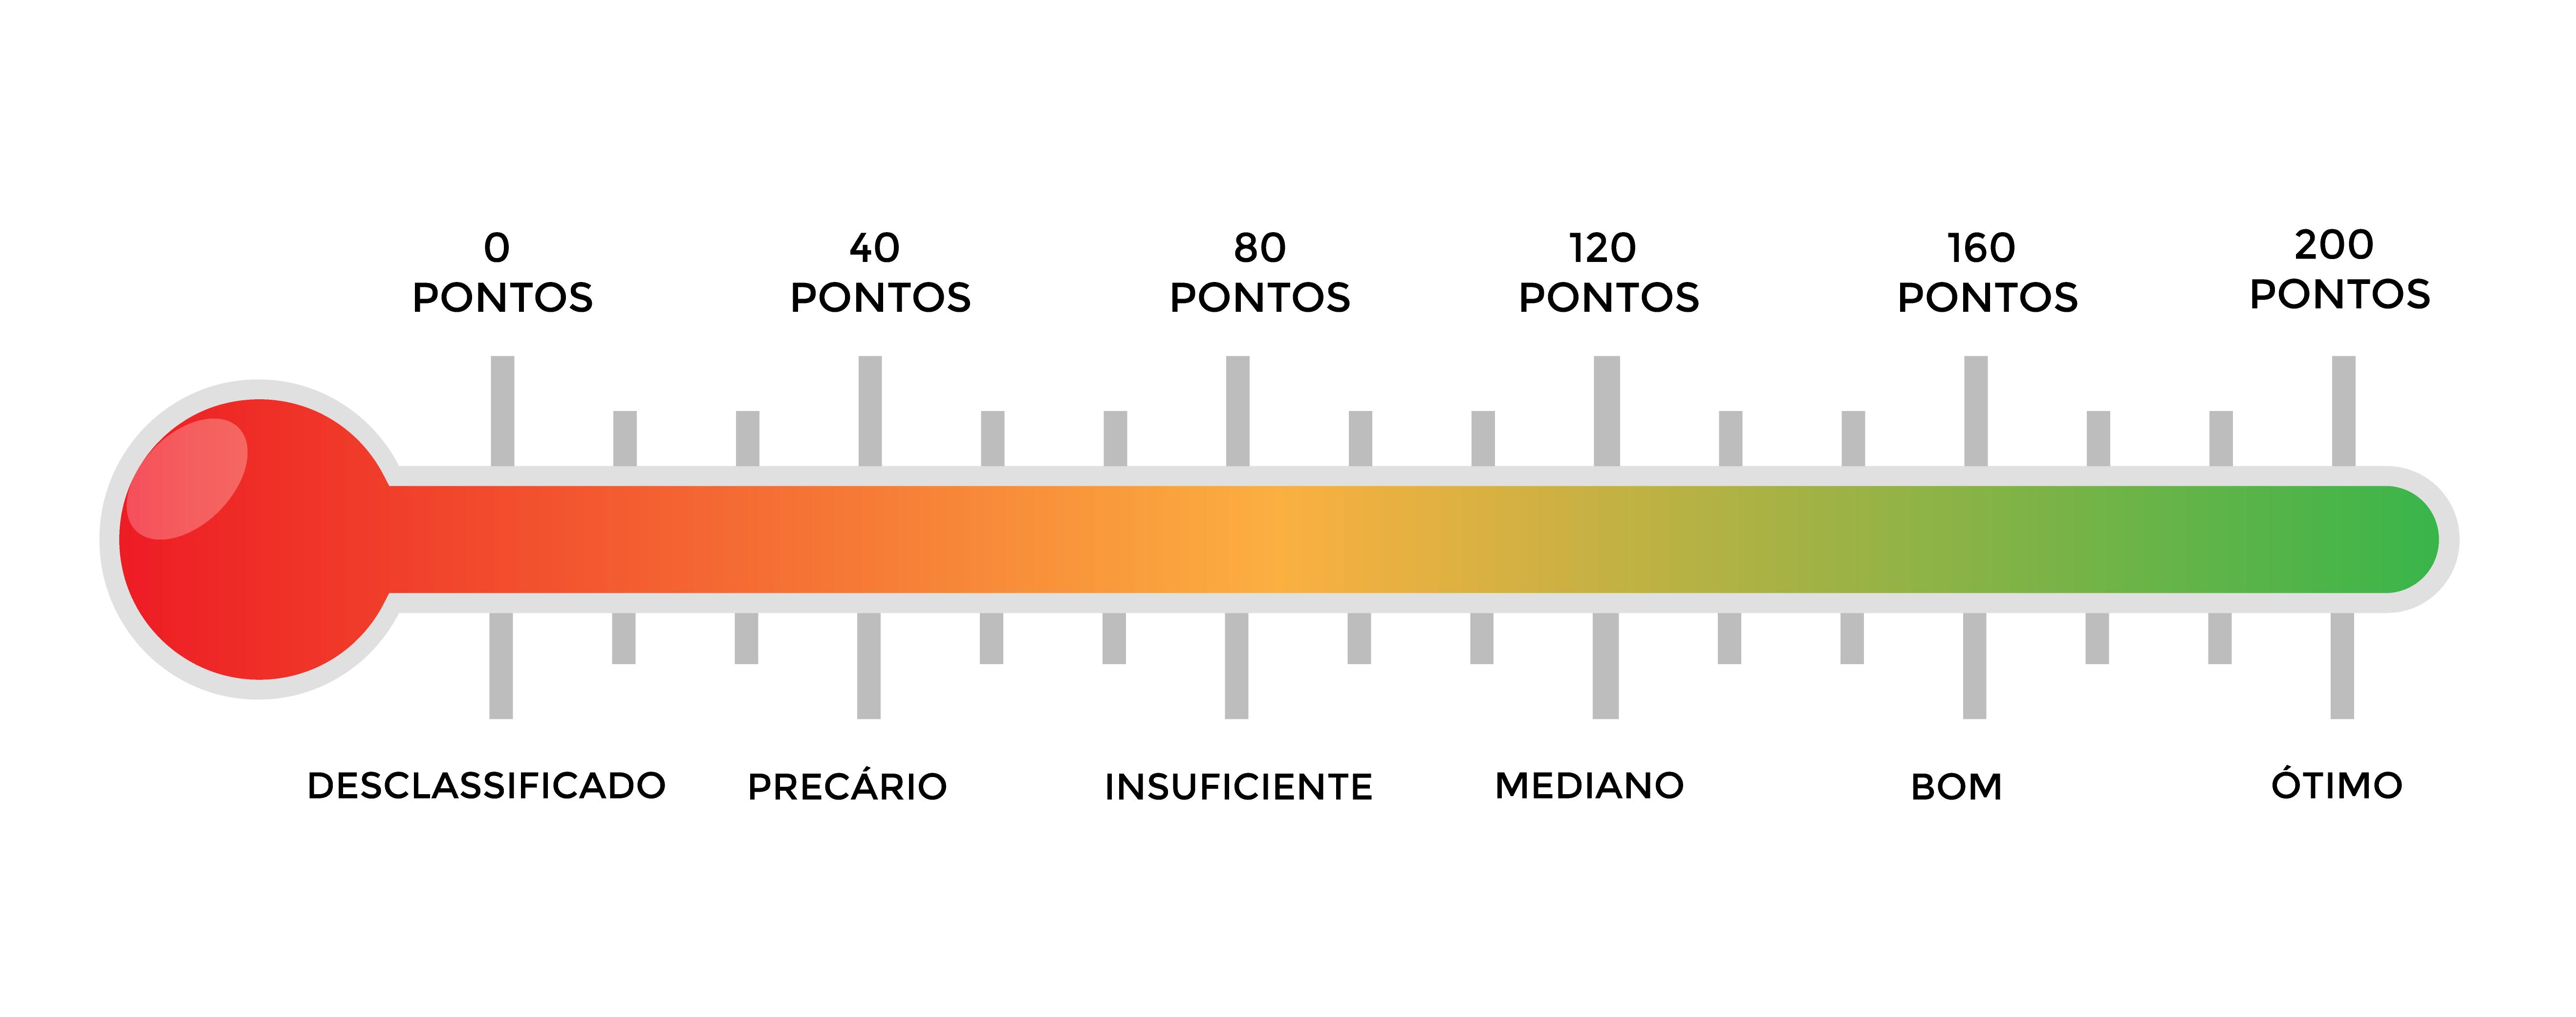 Ilustração de um termômetro apontando os níveis de avaliação das competências do Enem e suas respectivas pontuações.